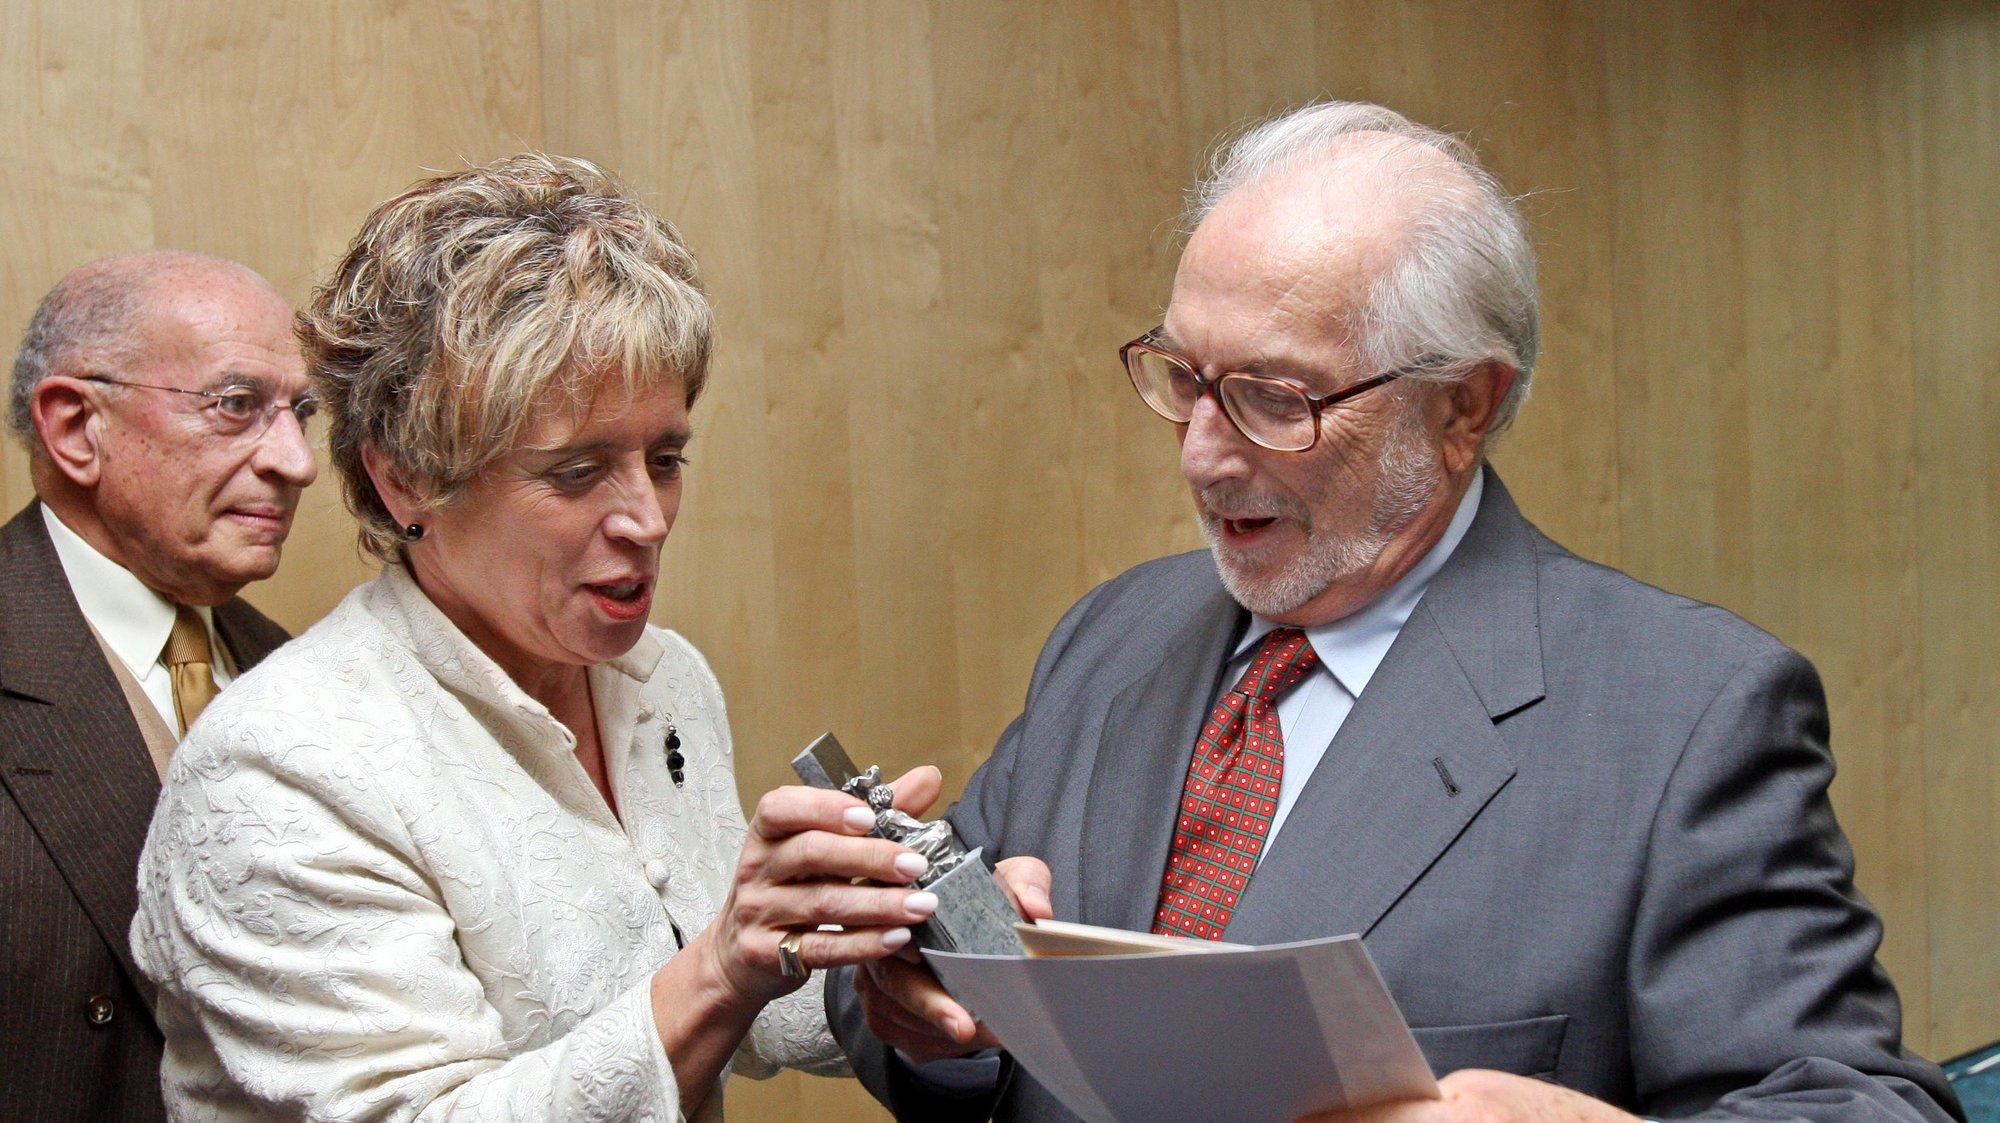 A Ministra da Cultura, Isabel Pires de Lima, entrega o prémio literário Inês de Castro ao escritor Pedro Tamen, no Hotel Quinta das Lágrimas, em Coimbra, 12 de Janeiro de 2008. LUSA/PAULO NOVAIS